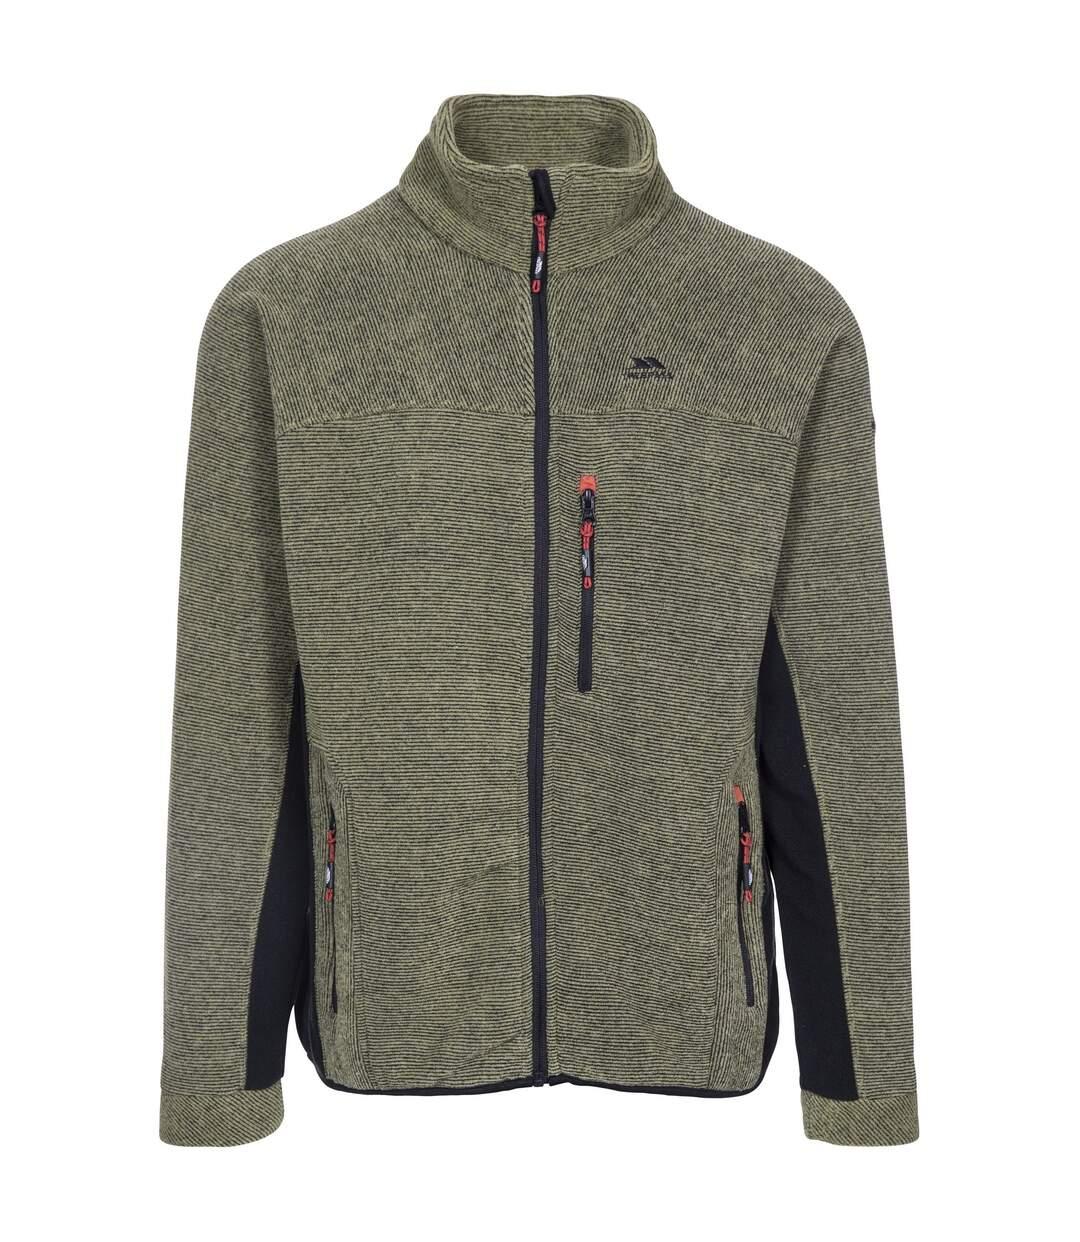 Trespass Mens Jynx Full Zip Fleece Jacket (Cedar Green) - UTTP256